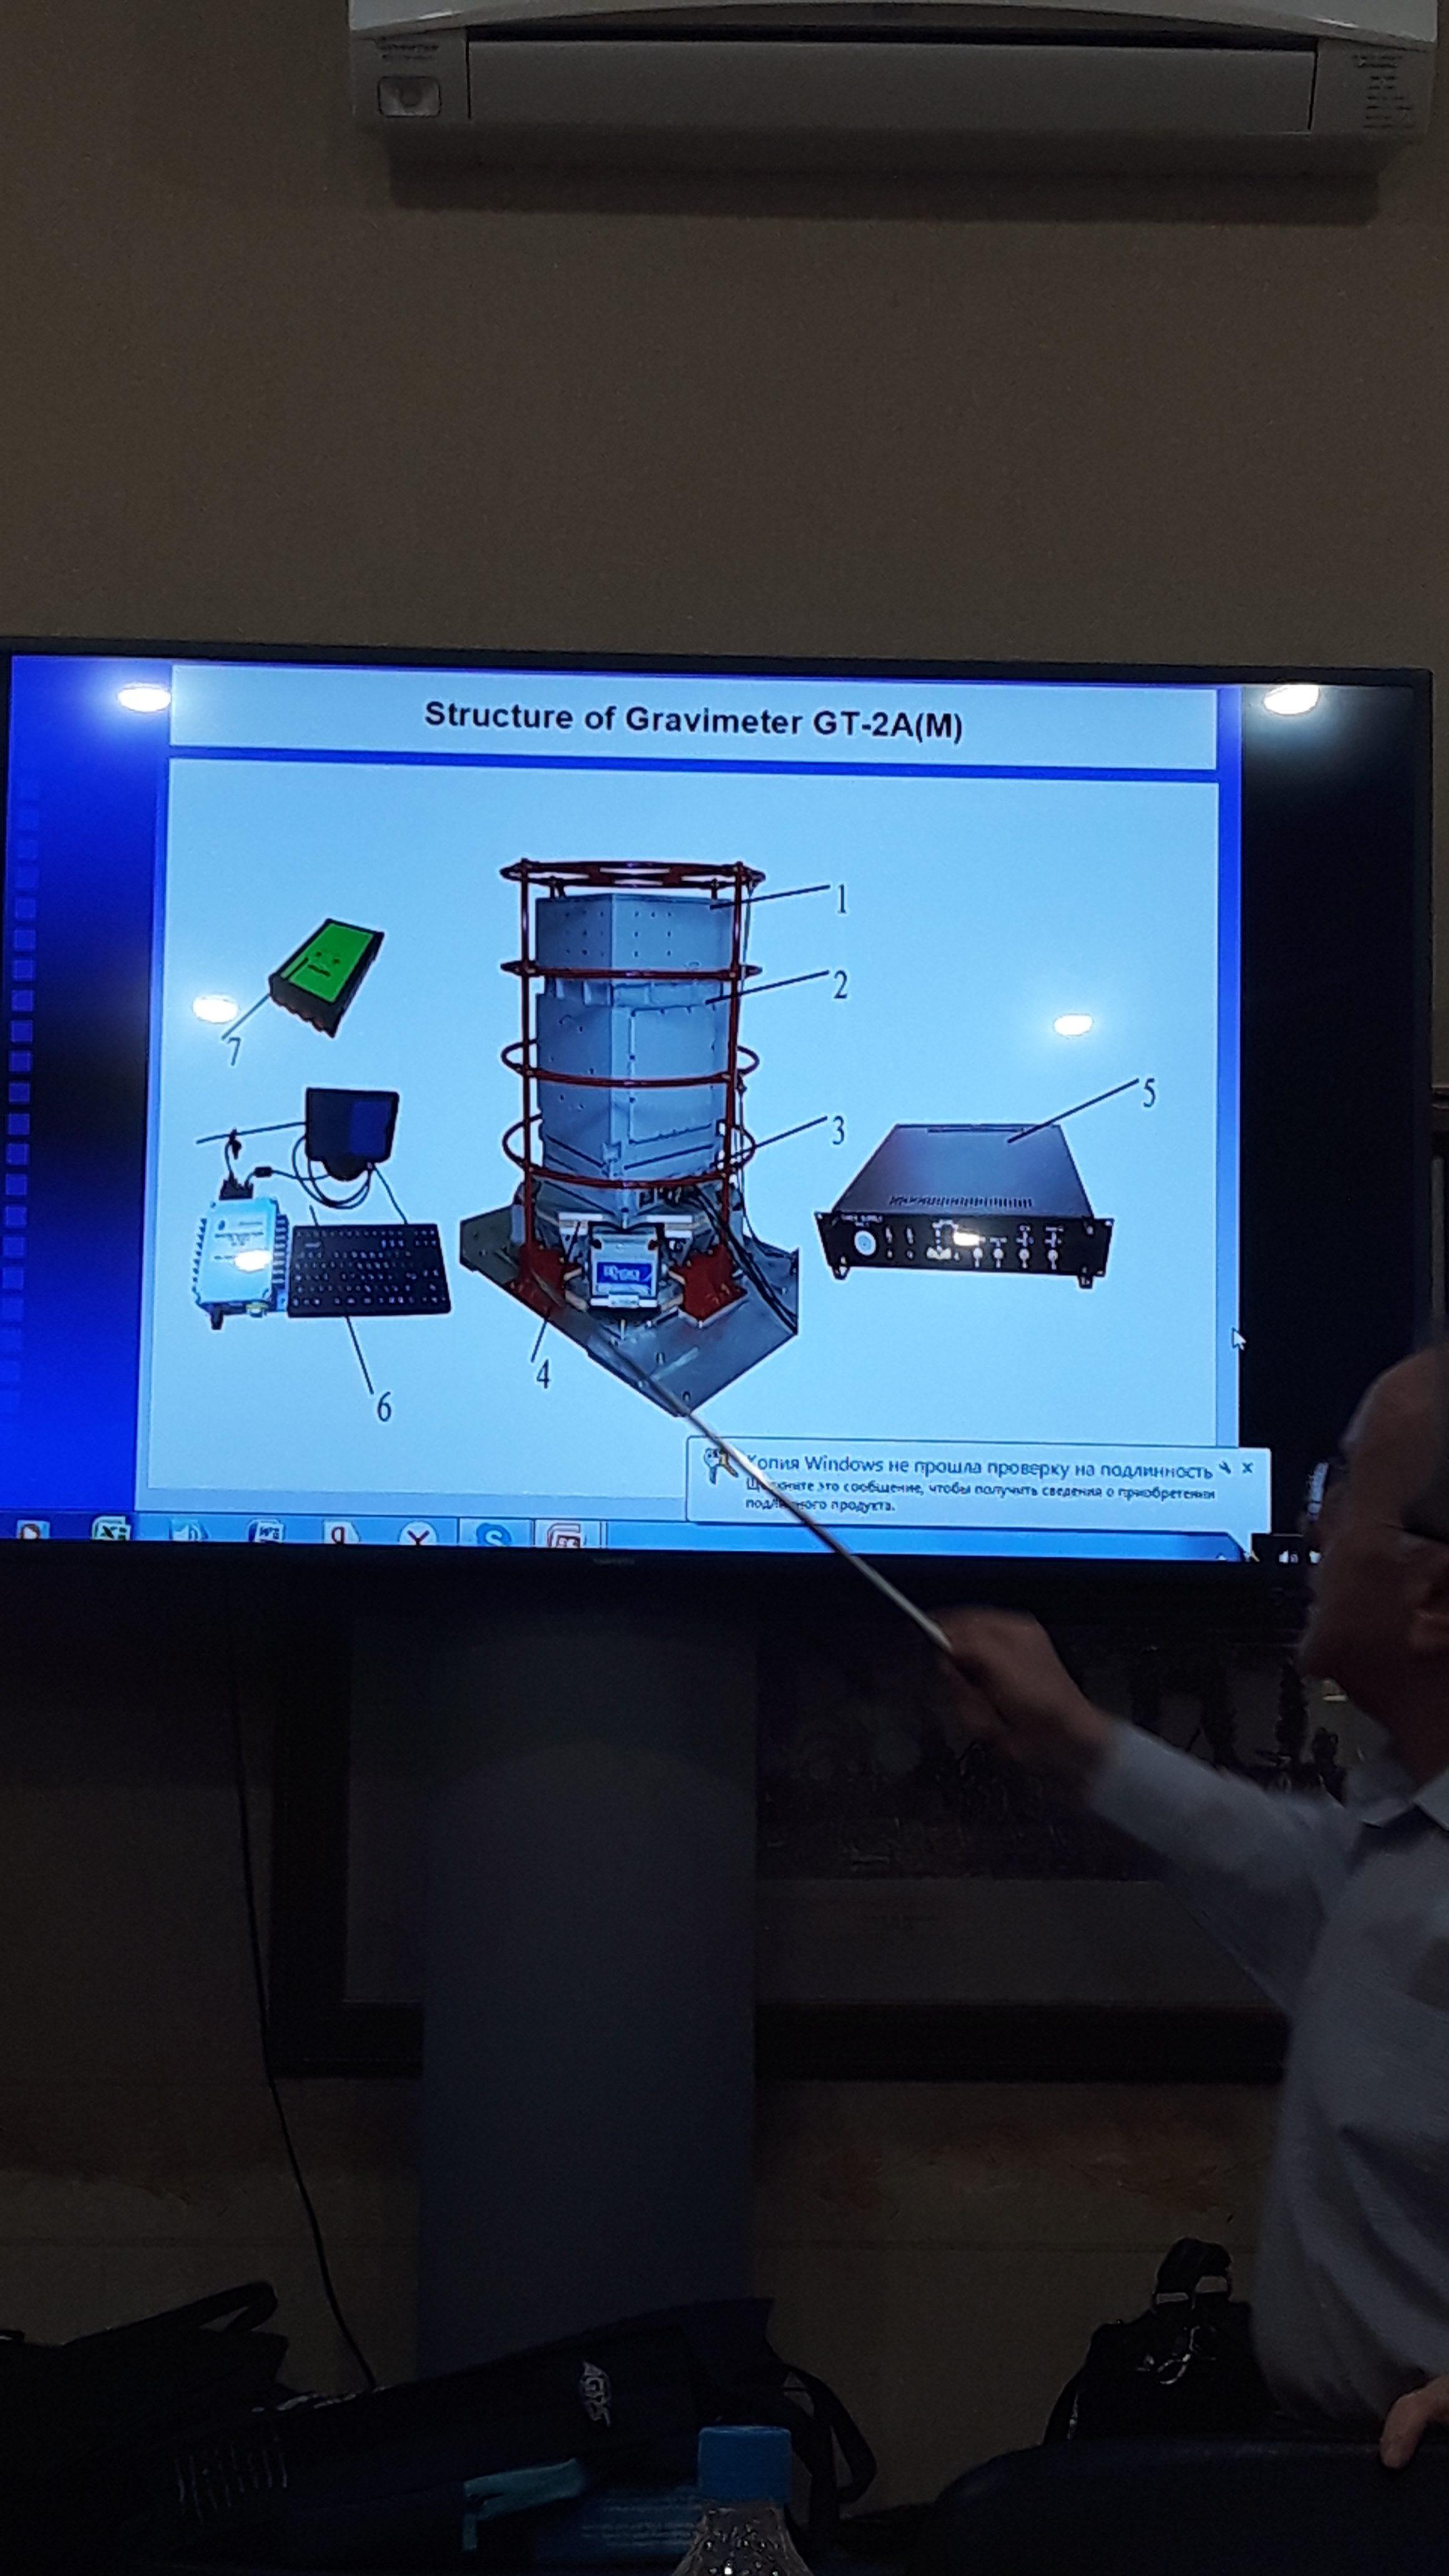 Đào tạo bảo dưỡng và bảo trì máy trọng lực hàng không GT-2A tại Nga